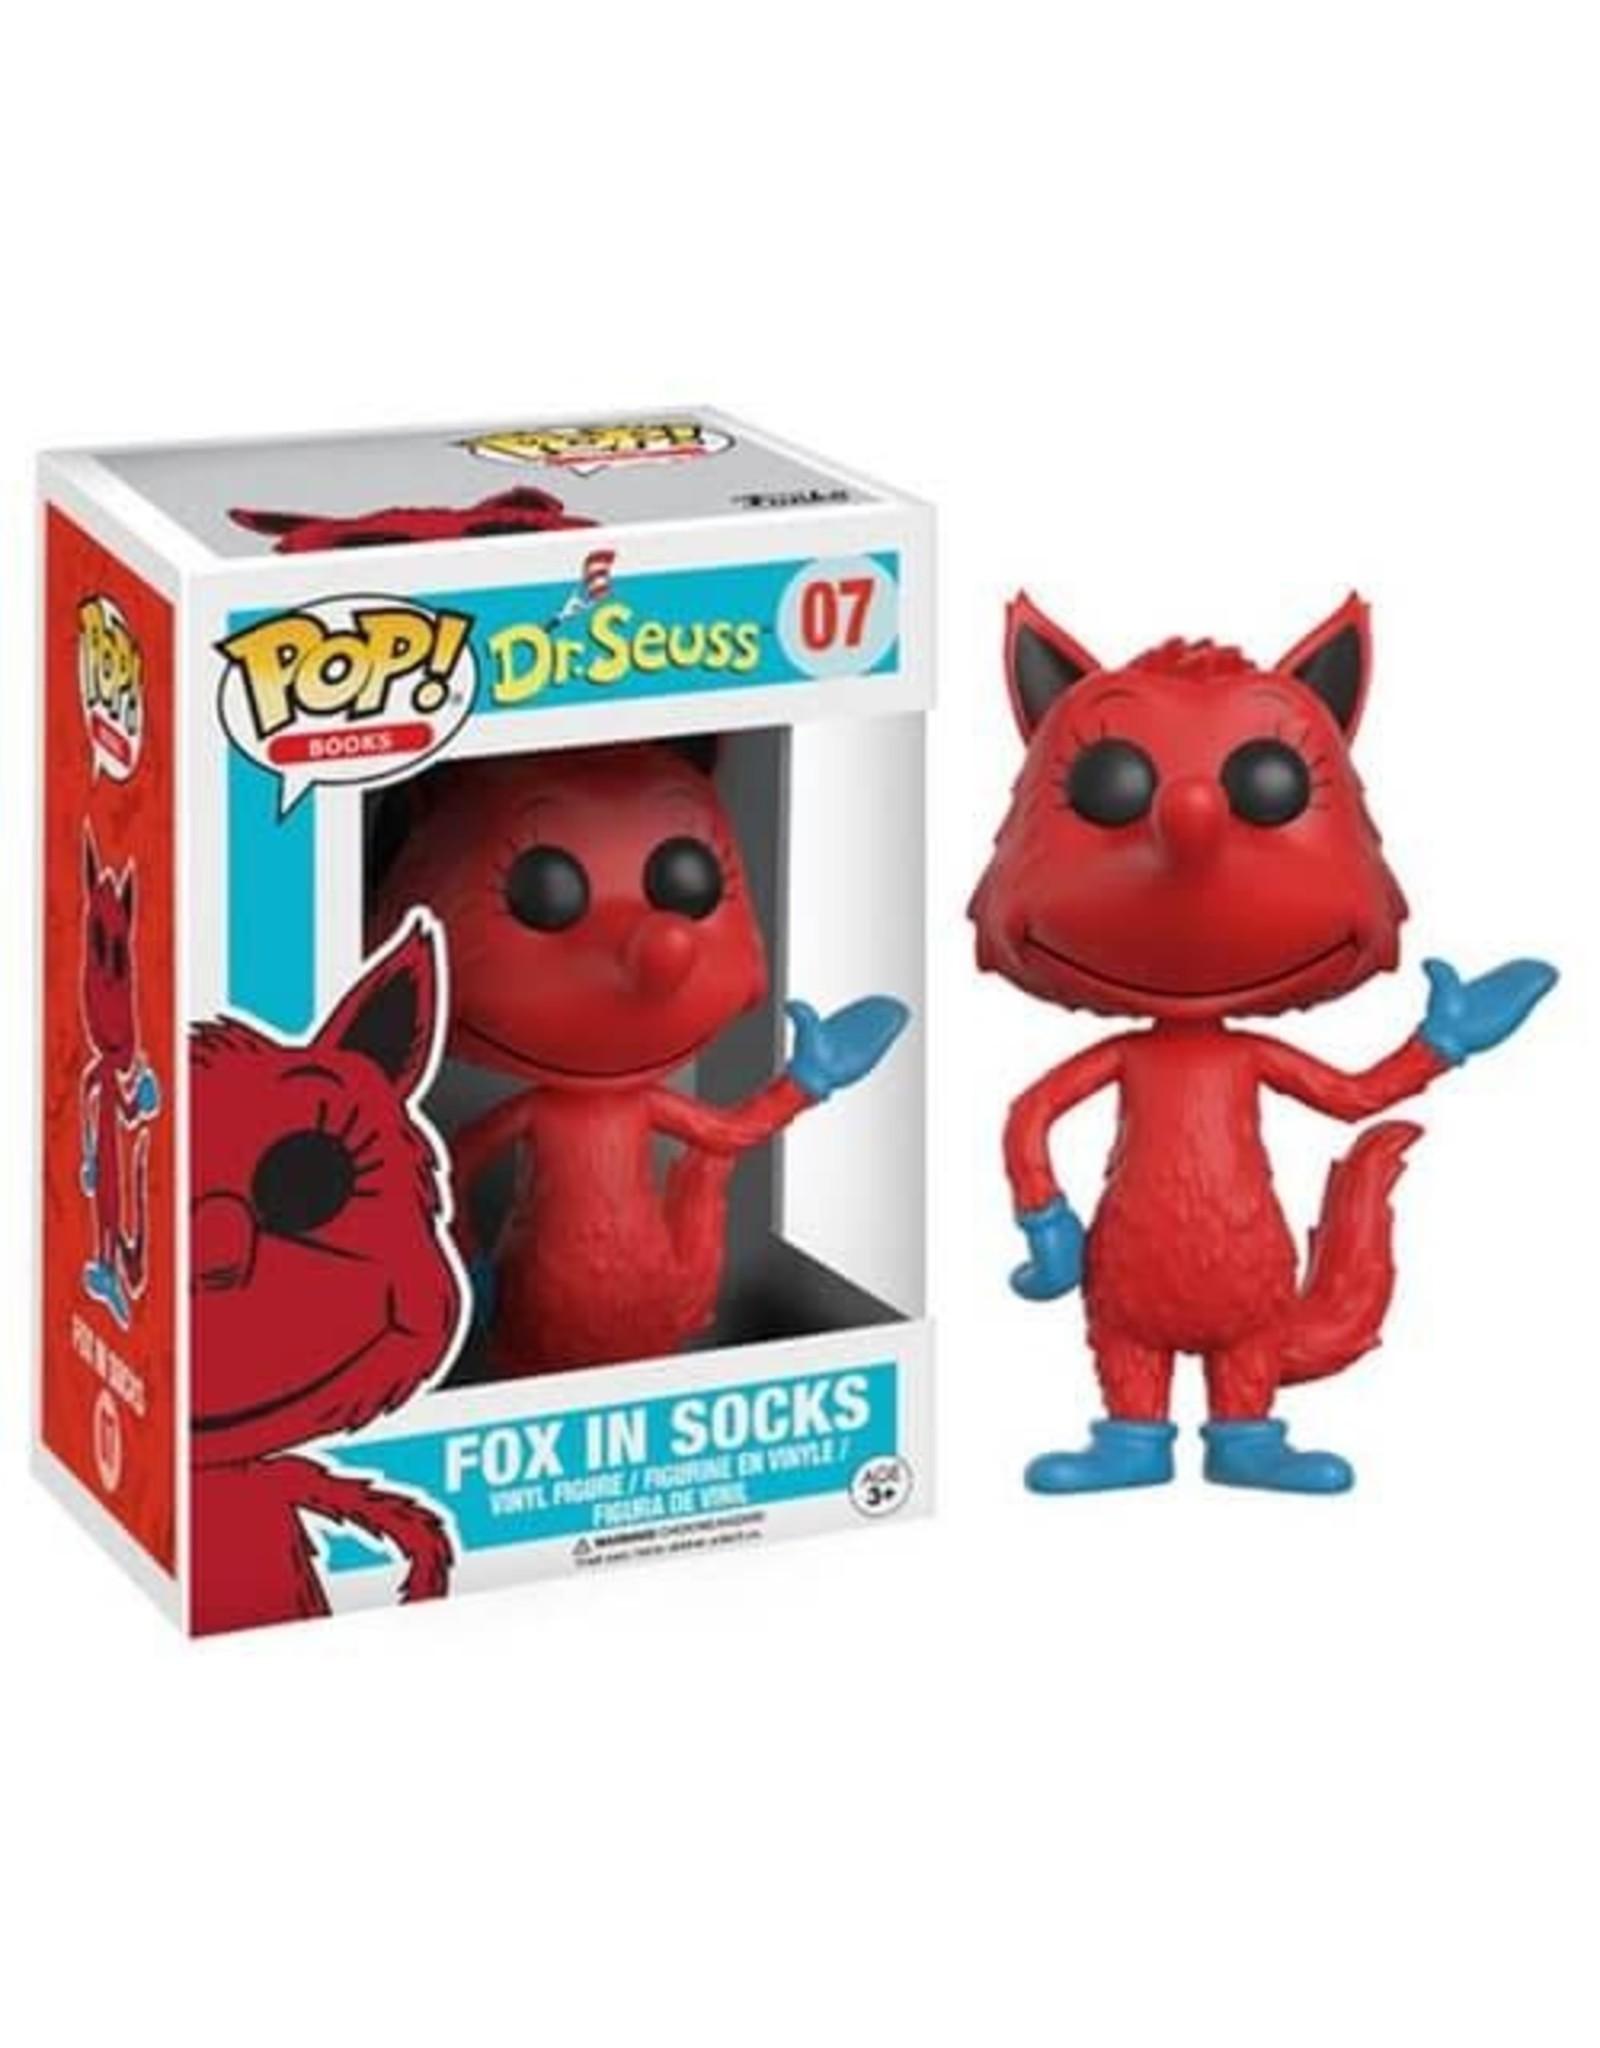 Funko Pop Vinyl Dr Seuss Fox in Socks